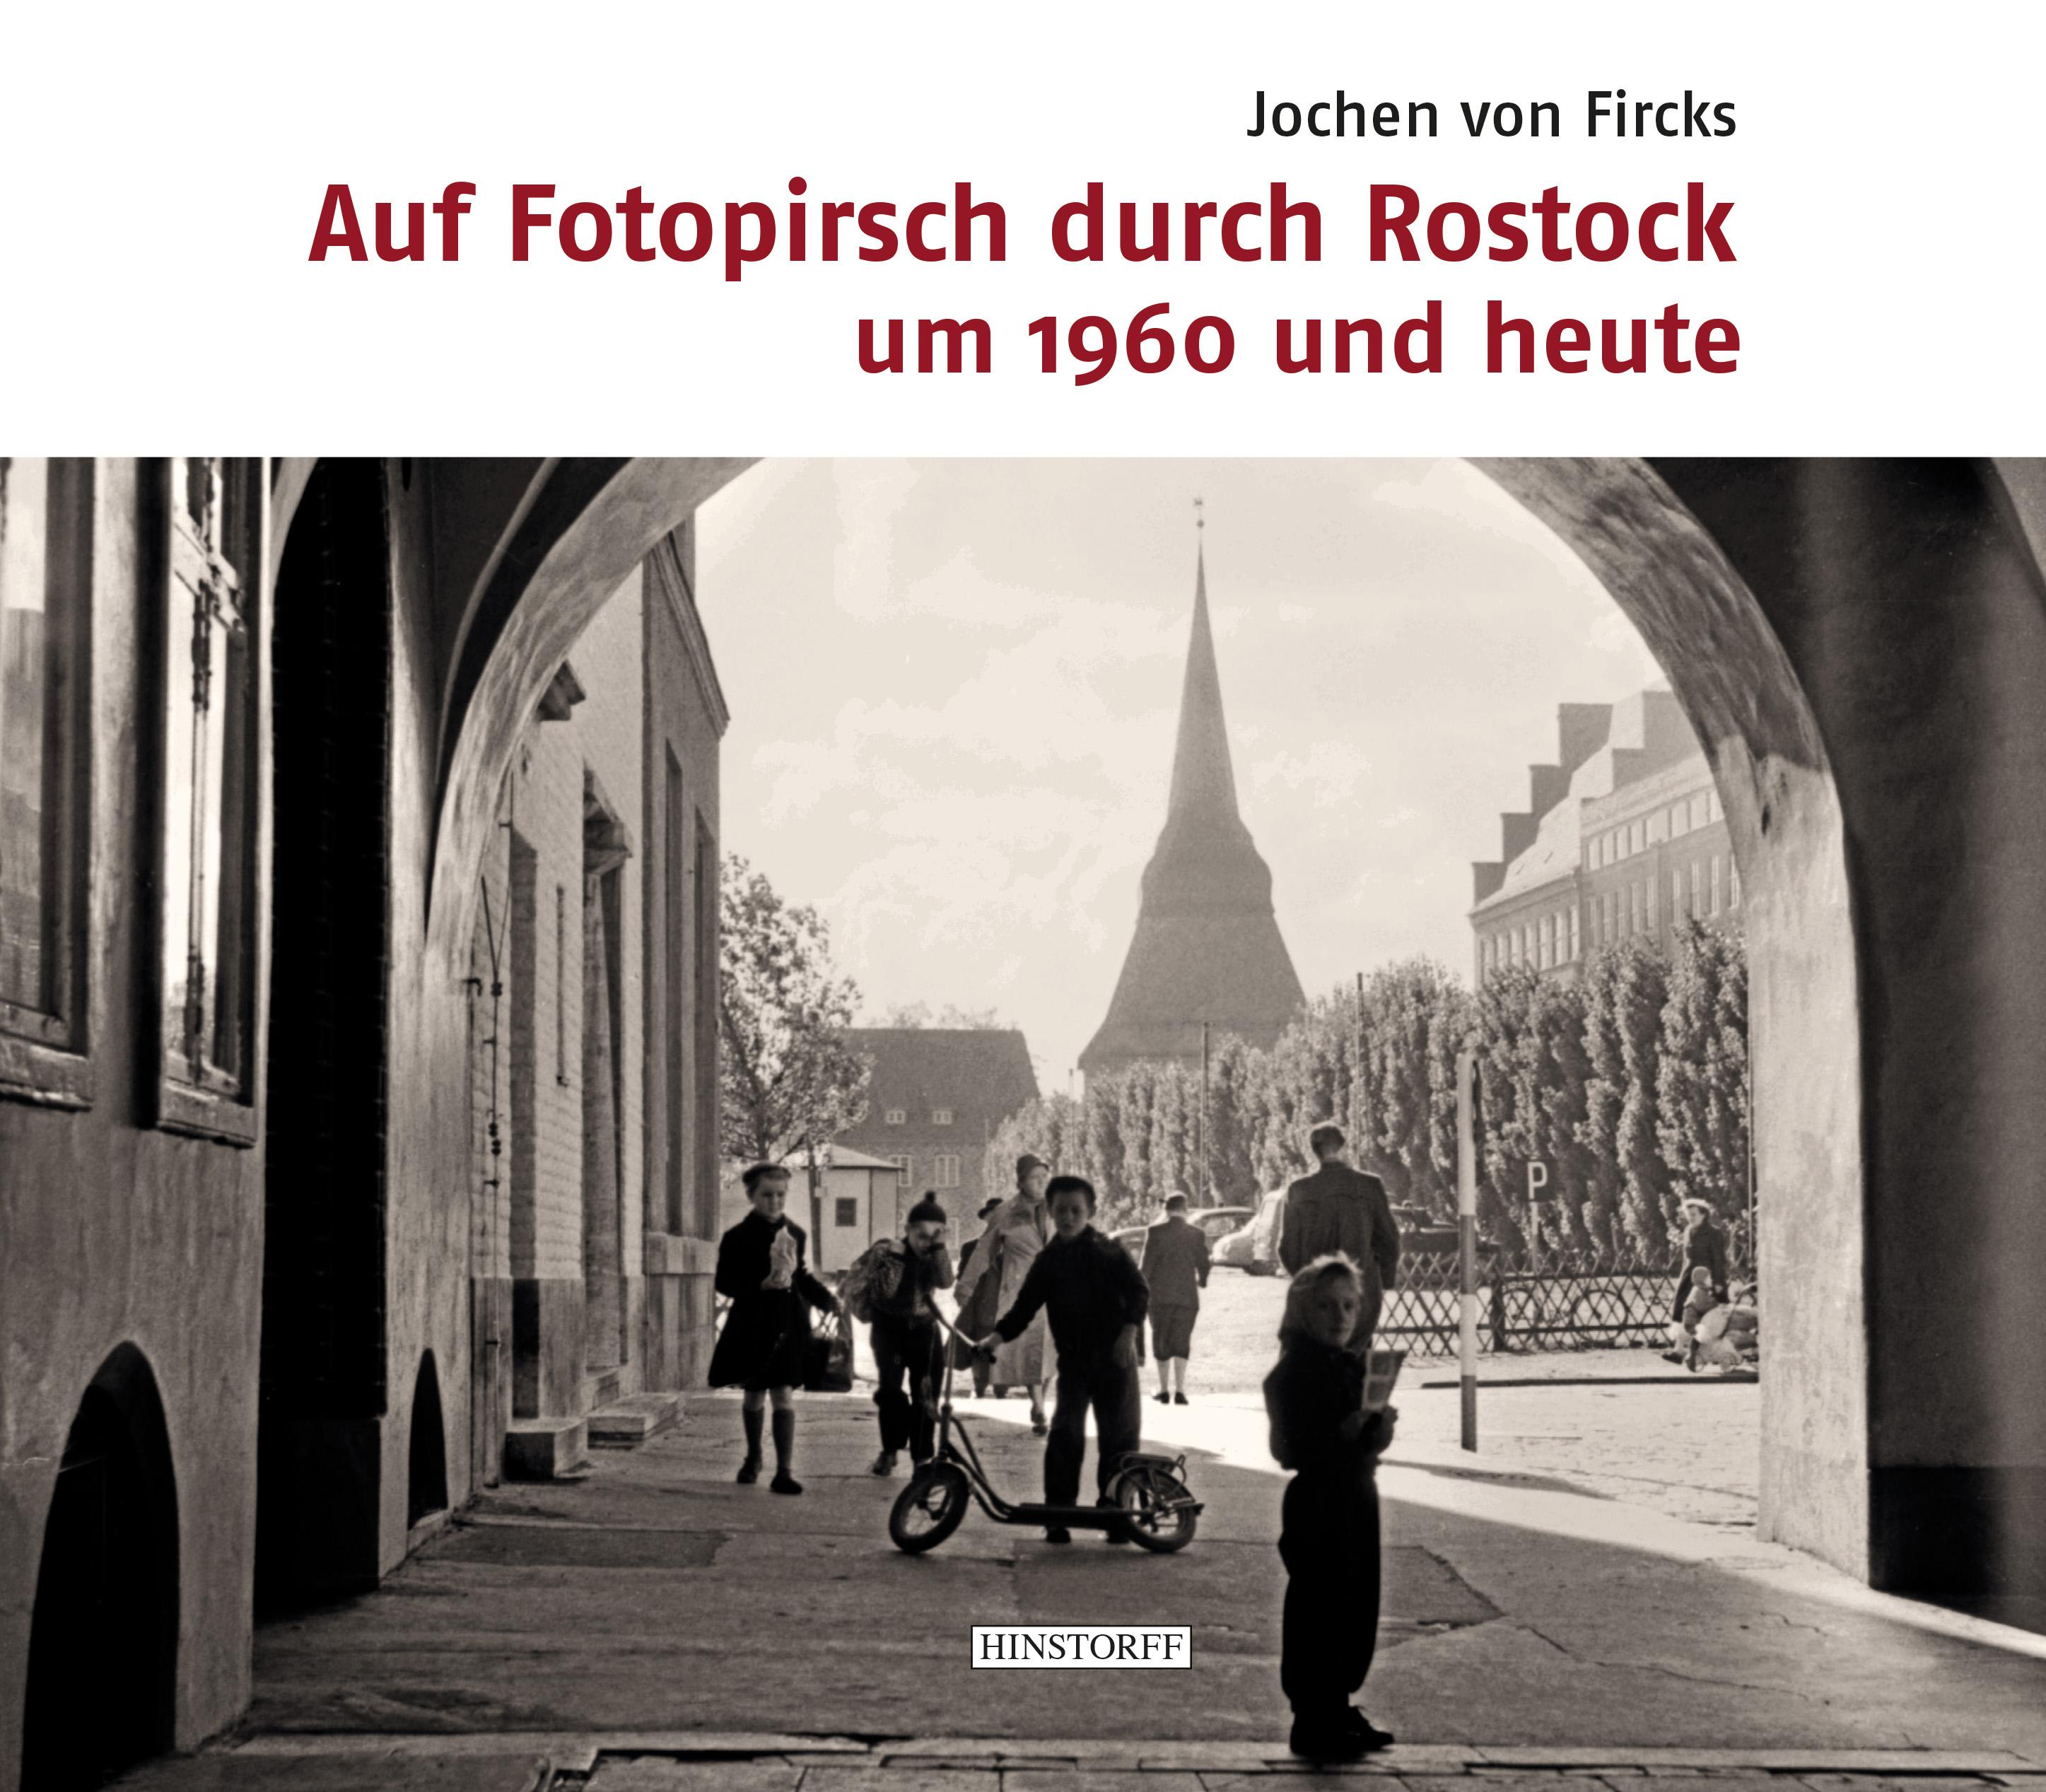 Auf Fotopirsch durch Rostock um 1960 und heute